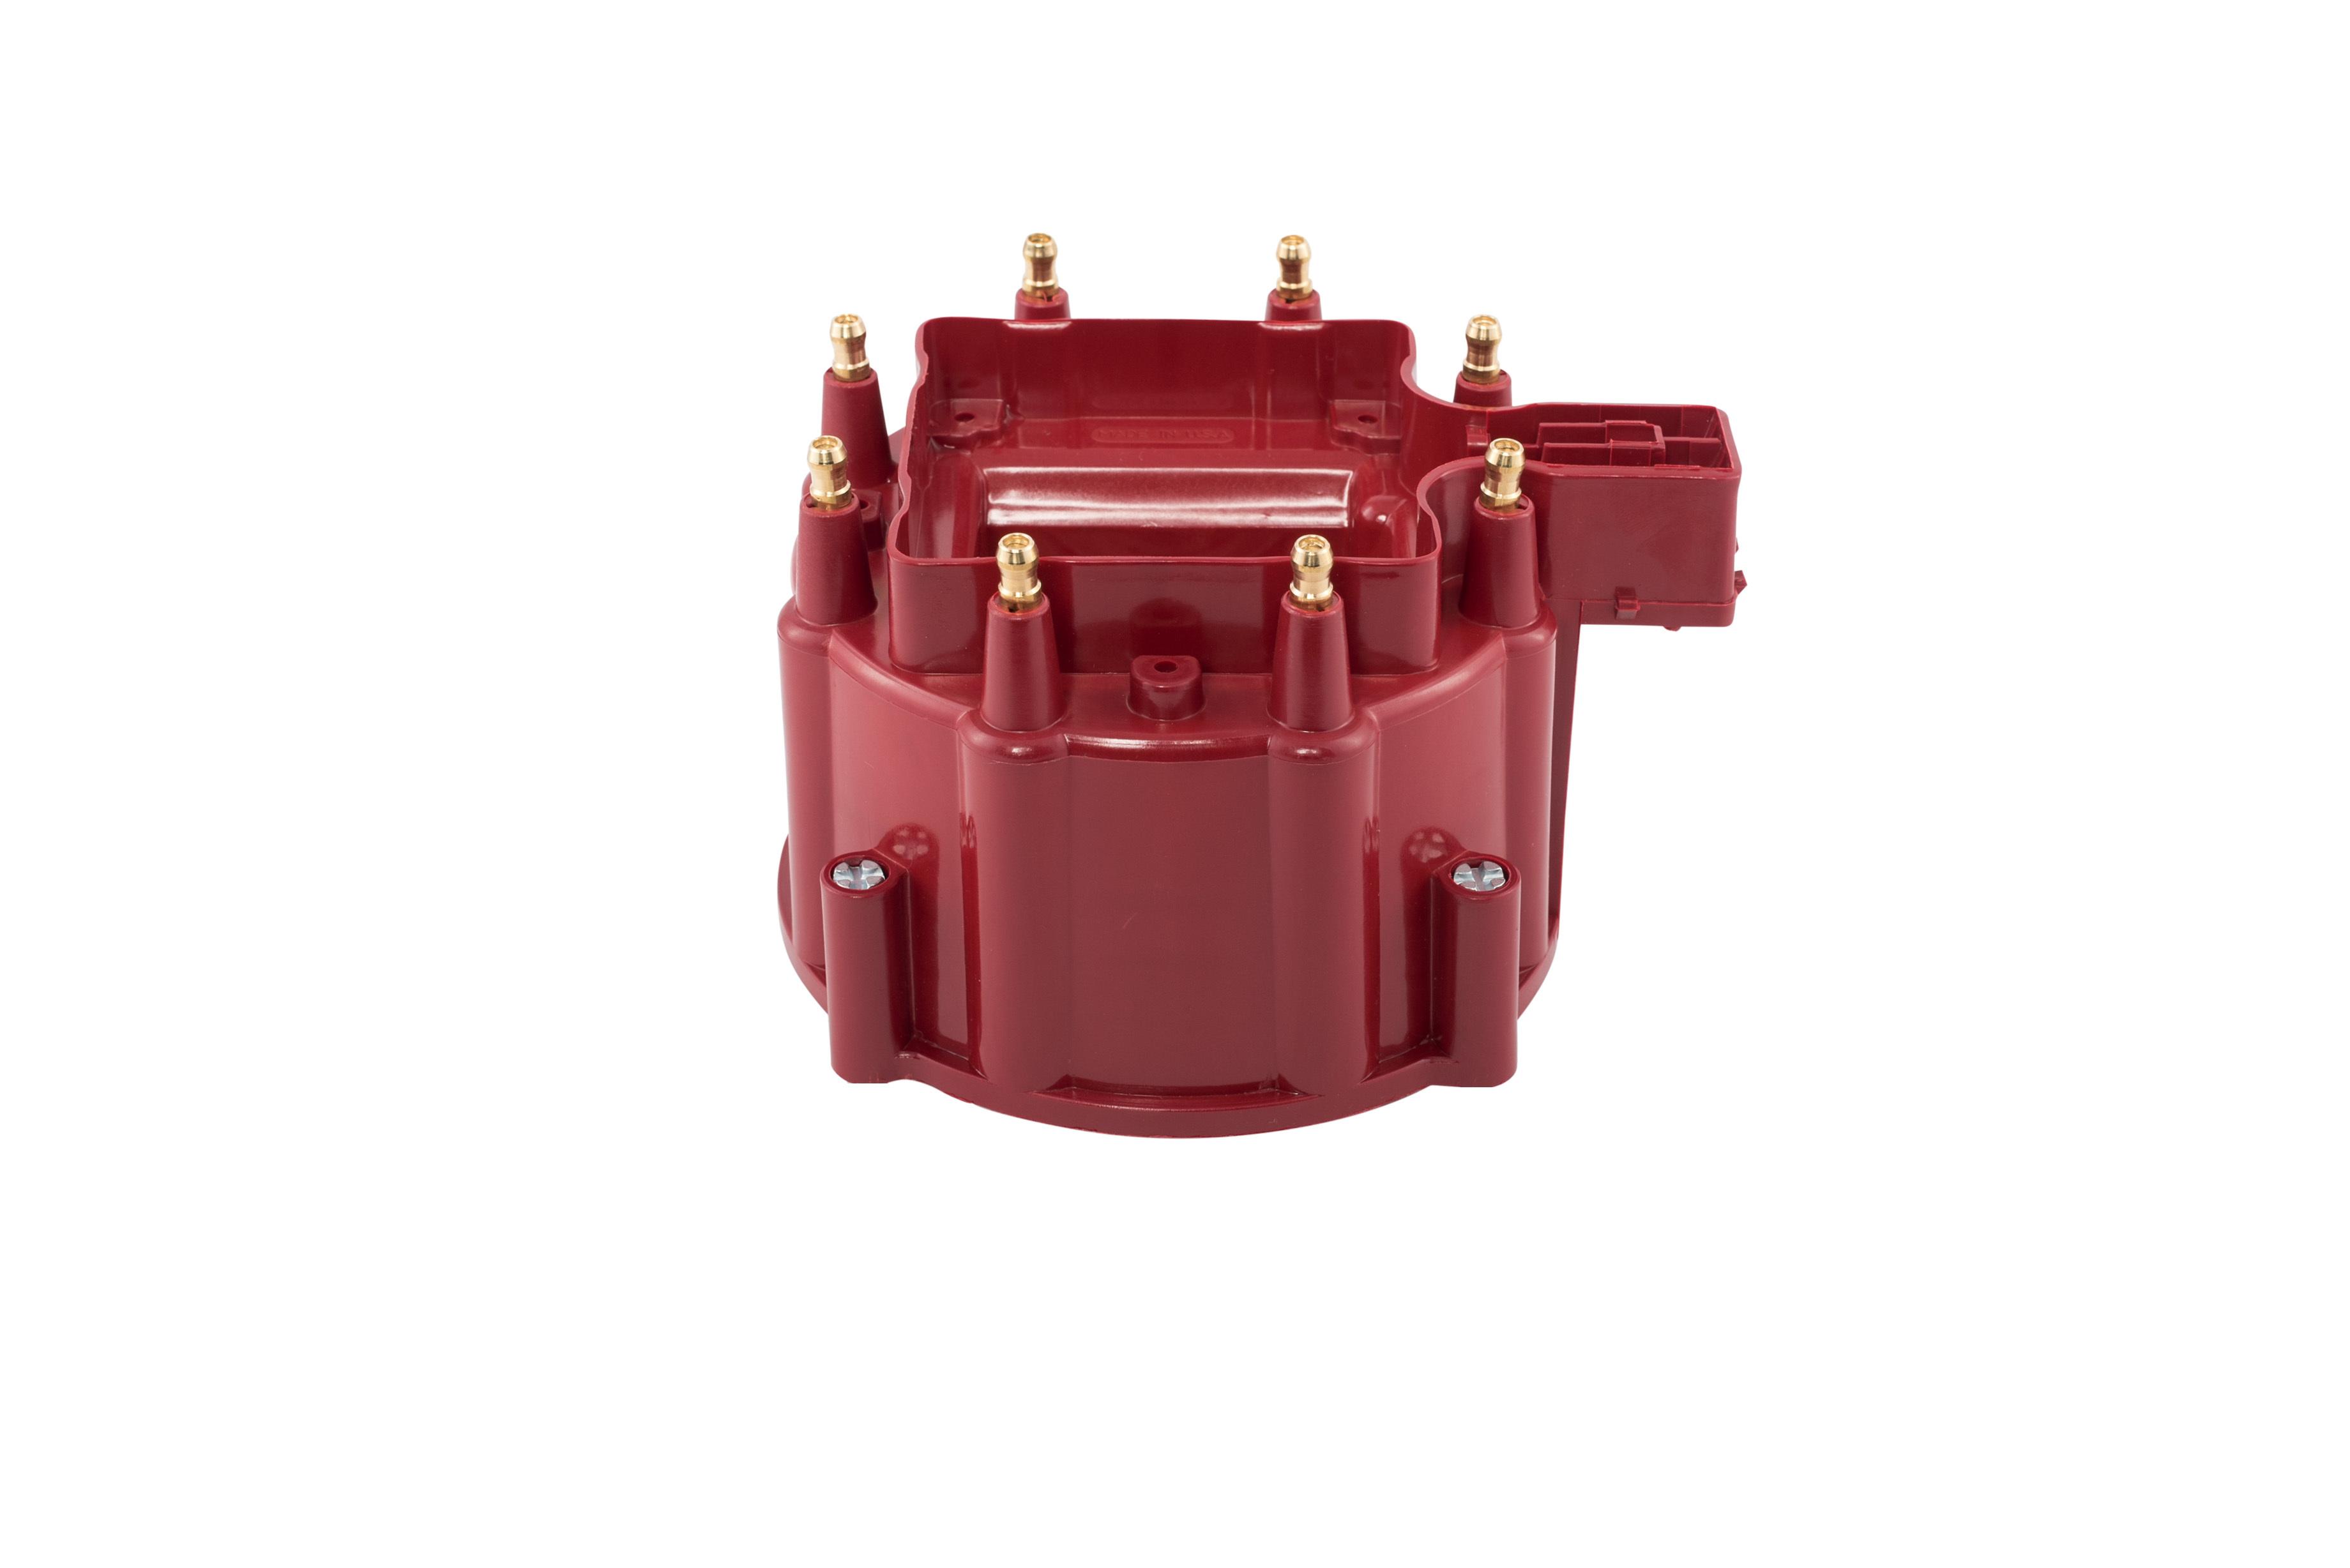 Proform Cap & Rotor Kit - Red